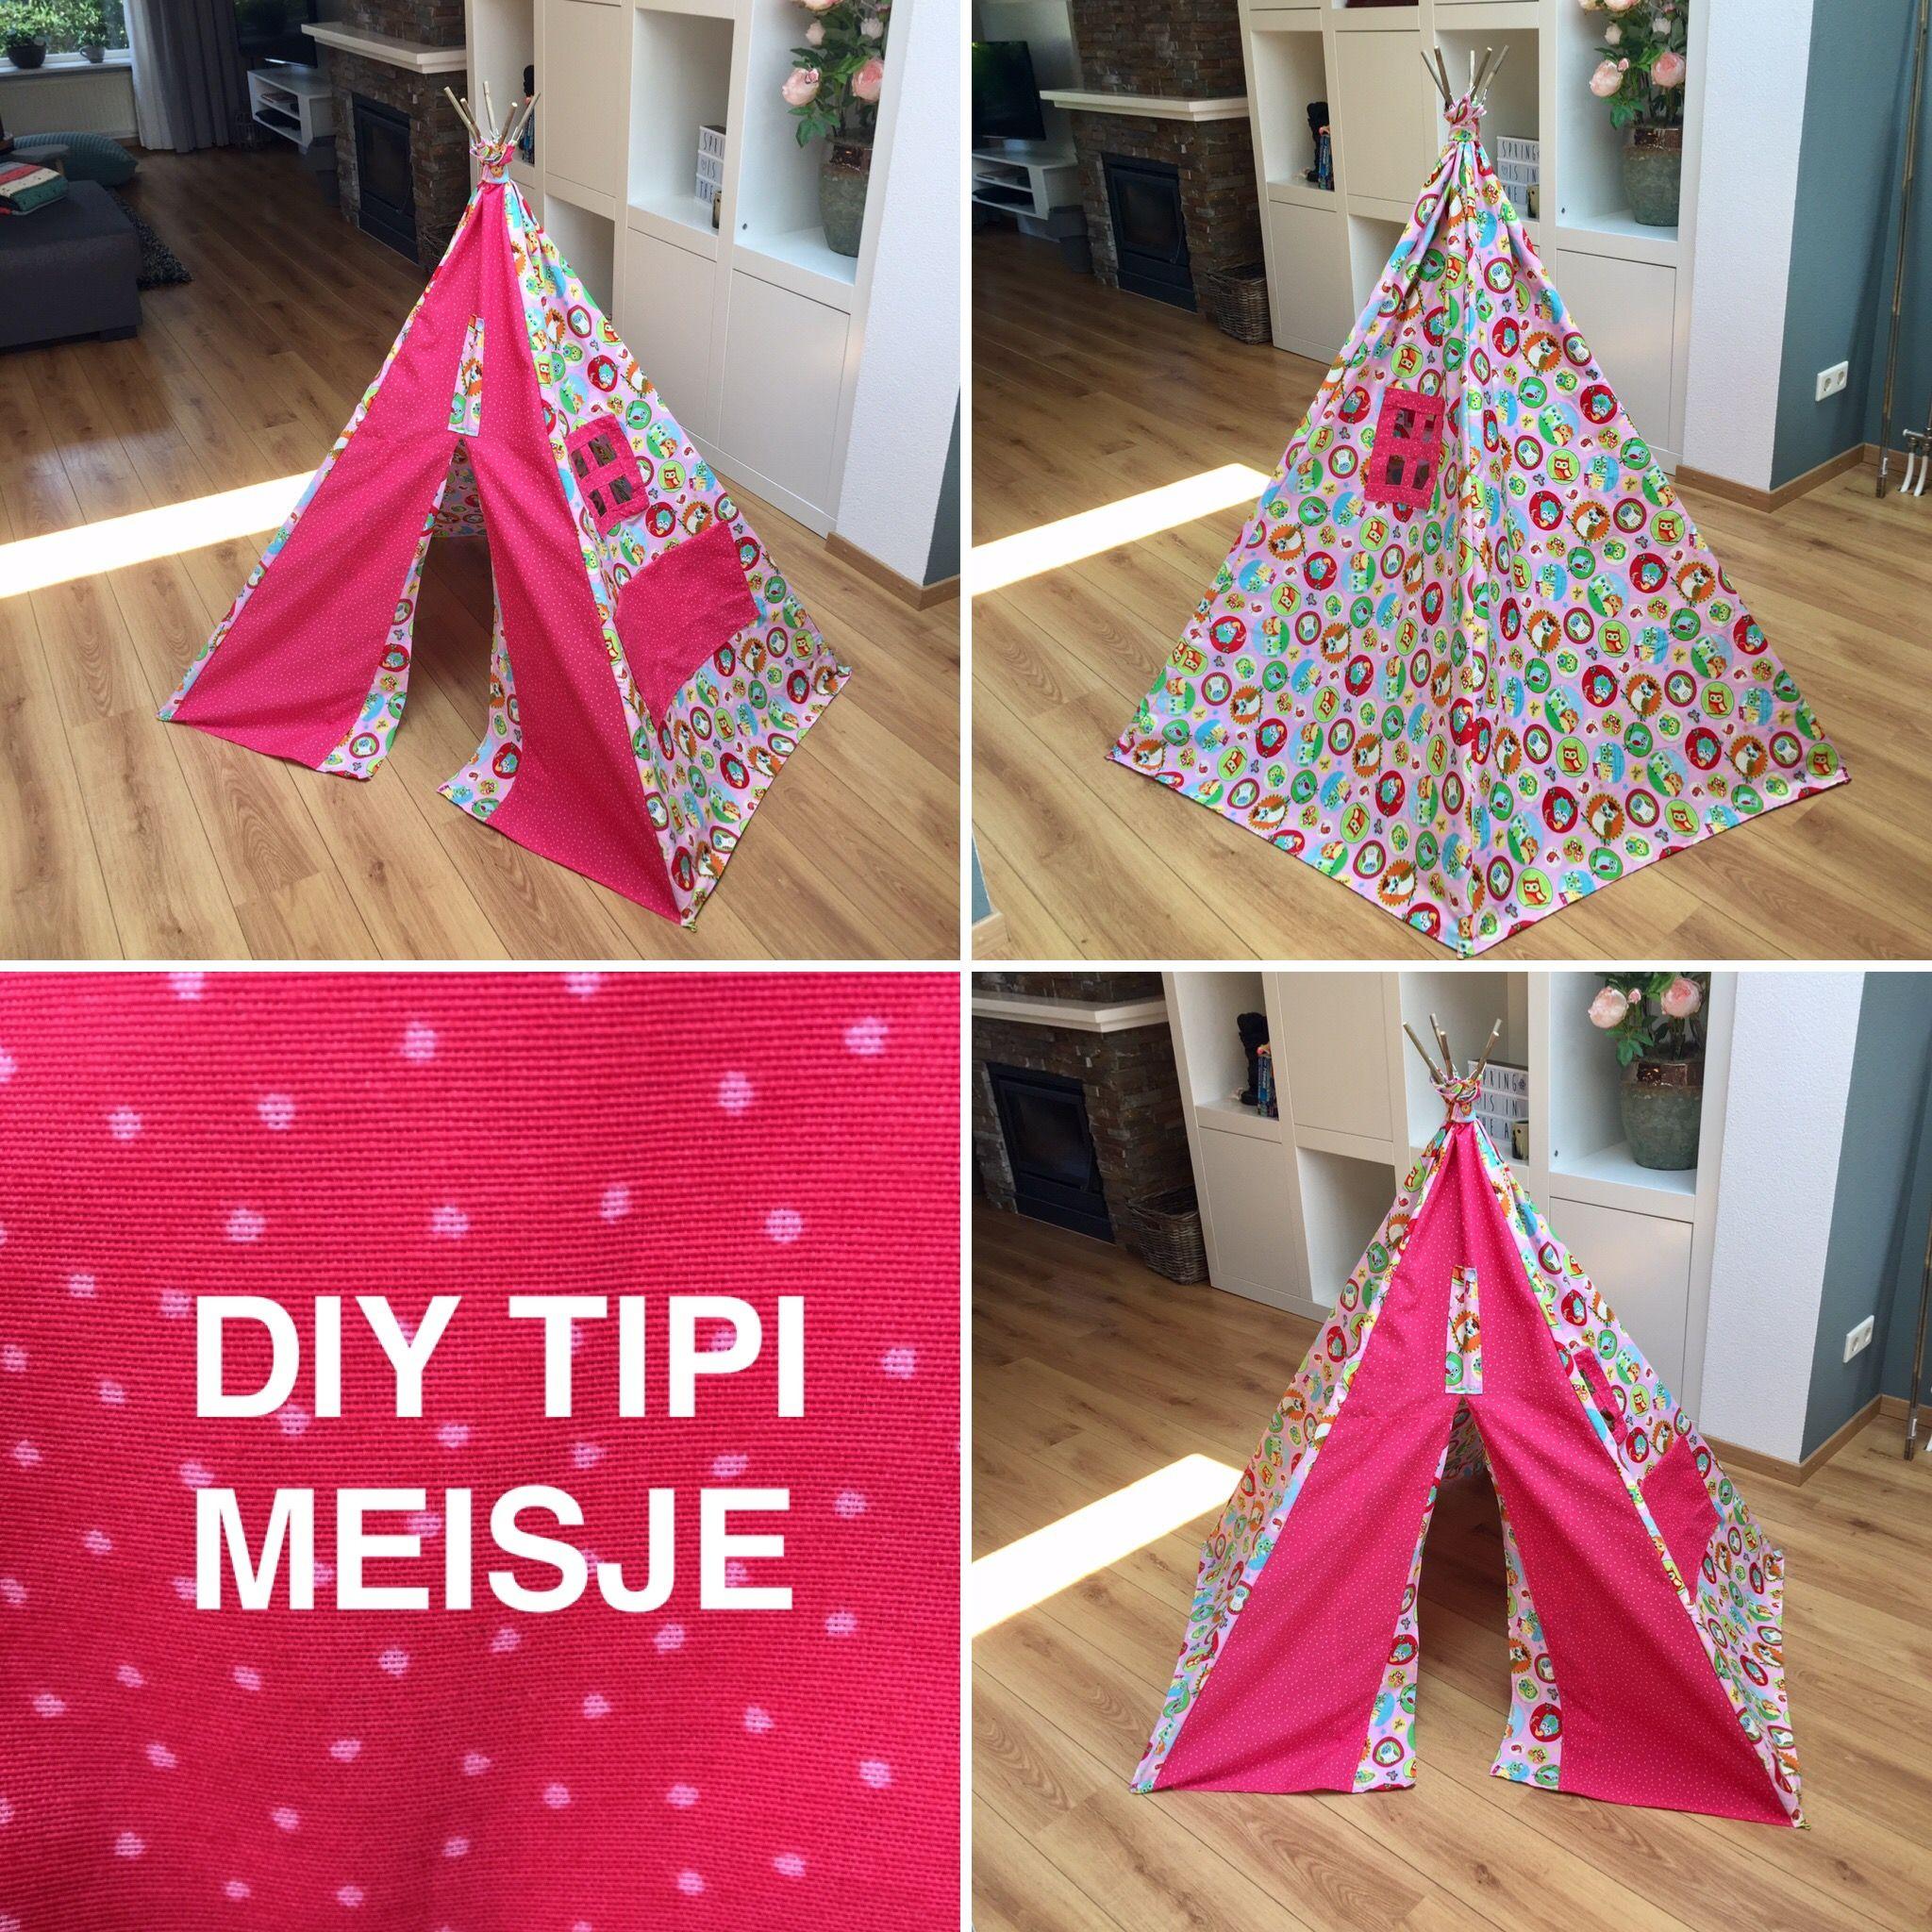 DIY Tipi Tent voor een meisje. Gemaakt voor dochtertje van een collega en tevens de eerste keer dat ik een naaimachine heb vastgehouden. Leuk en eenvoudig om te maken en super makkelijk aan te passen aan wensen en voorkeuren (raampjes, zakjes, stoffen, etc.).